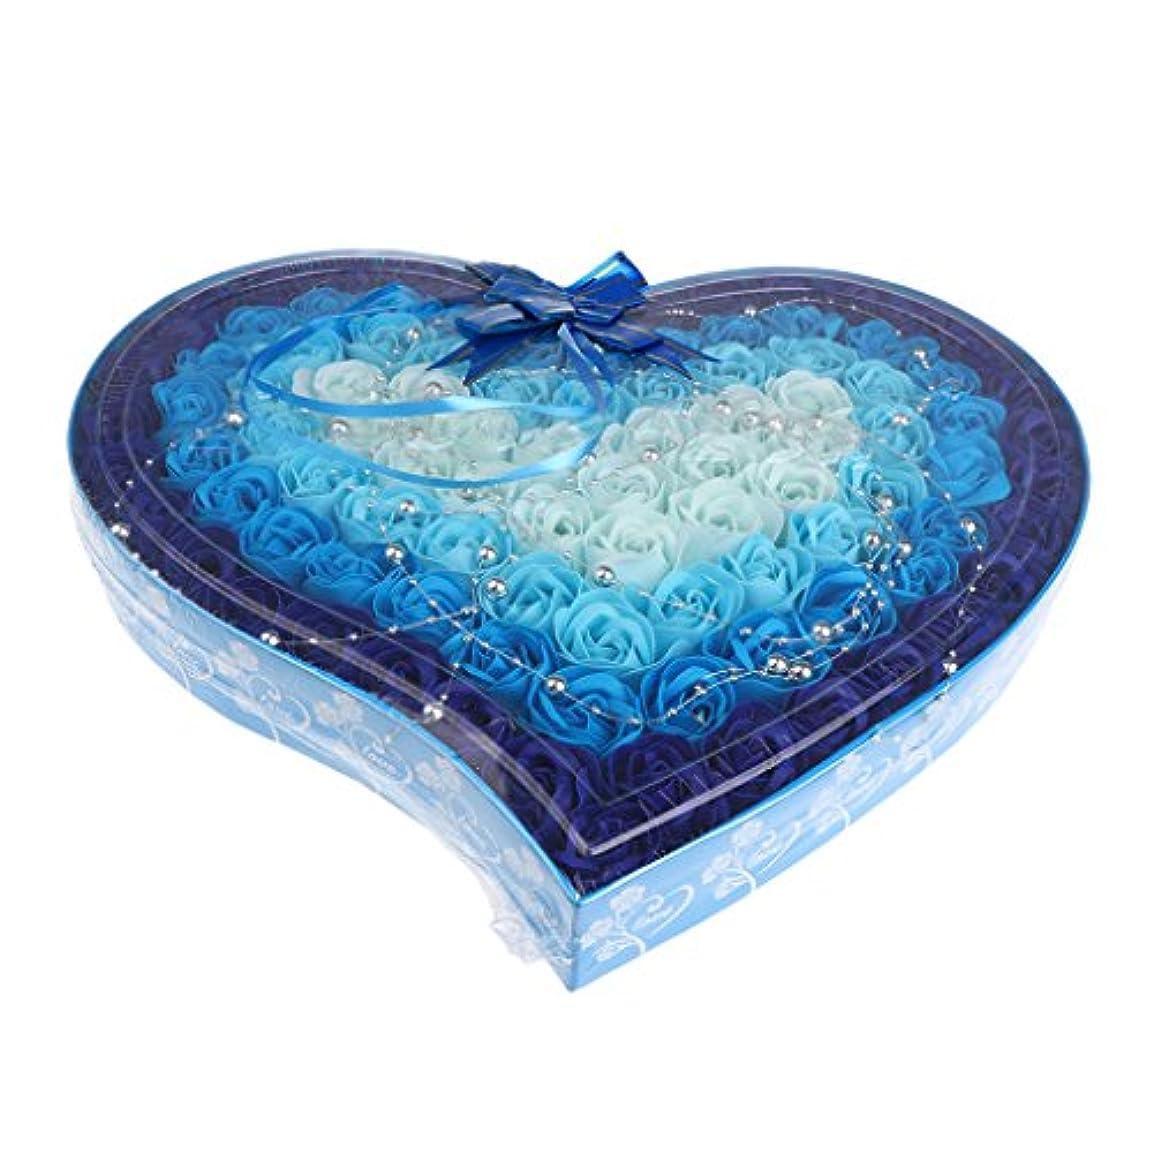 七時半遅滞セブン石鹸の花 母の日 プレゼント 石鹸 お花 枯れないお花 心の形 ギフトボックス 約100個 プレゼント 4色選択可 - 青